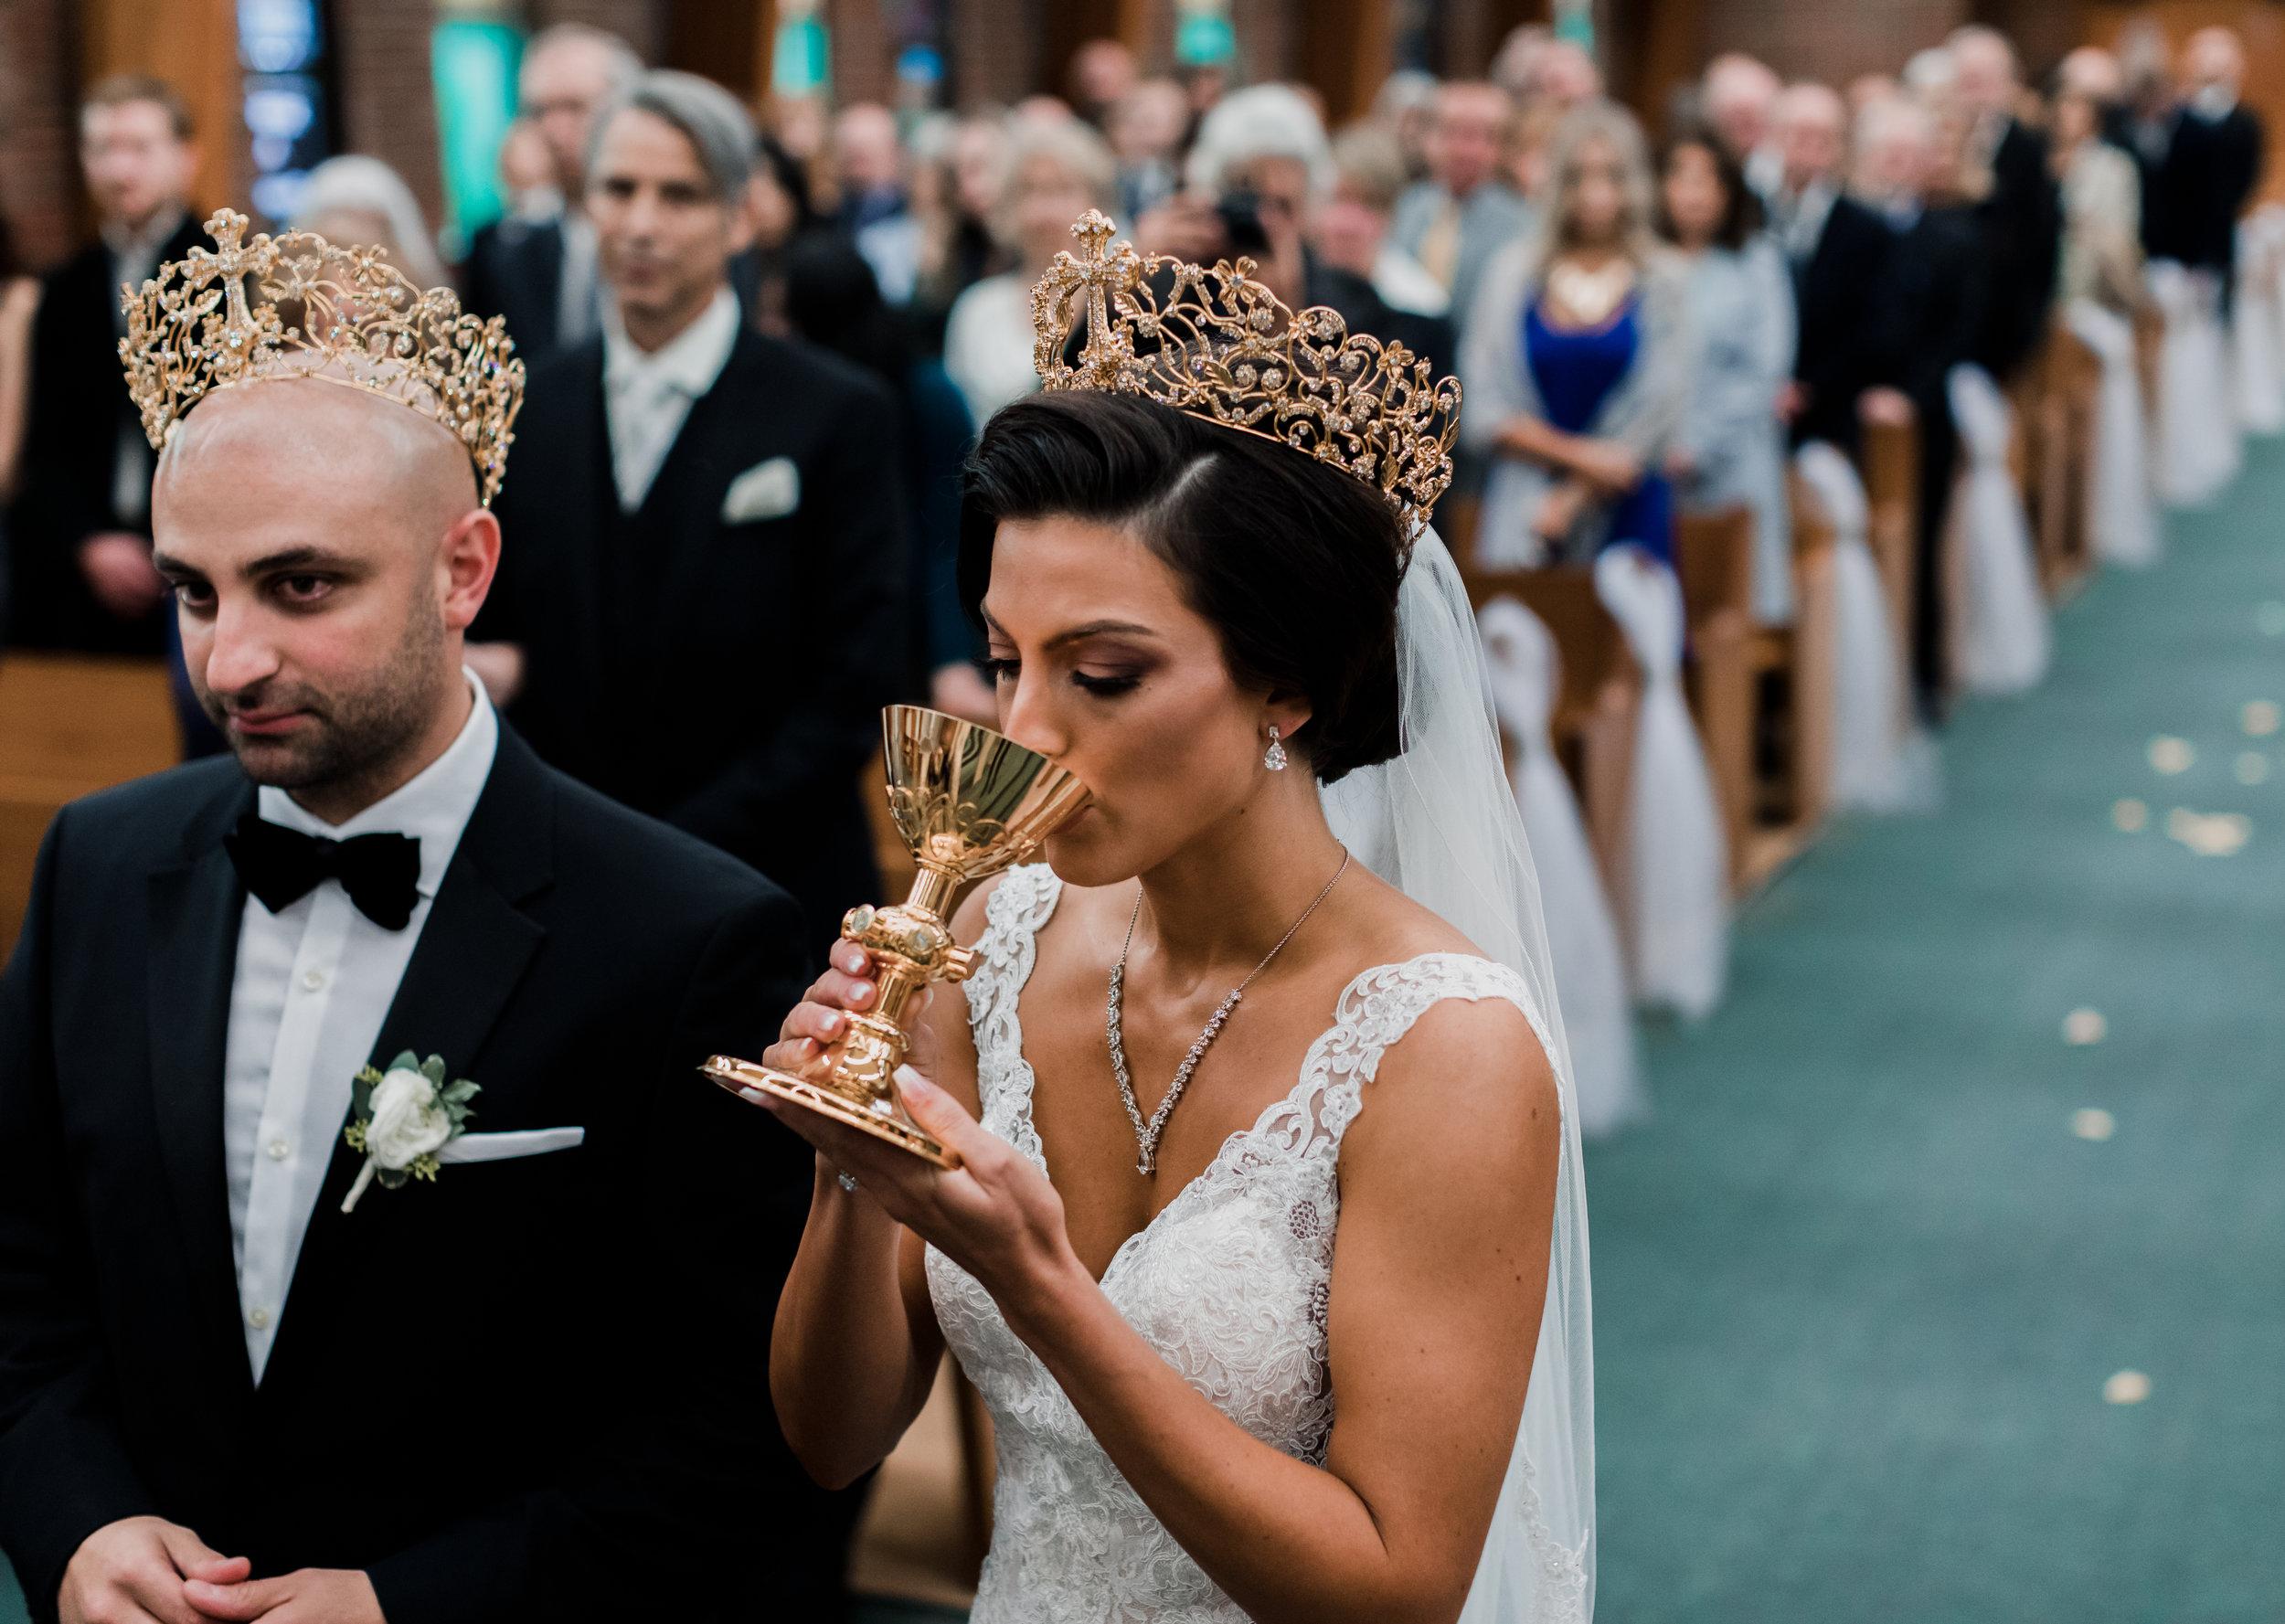 Pitt Meadows Wedding Photographer - Sky Hangar Wedding Photos - Vancouver Wedding Photographer & Videographer - Sunshine Coast Wedding Photos - Sunshine Coast Wedding Photographer - Jennifer Picard Photography - 1A5A1215.jpg